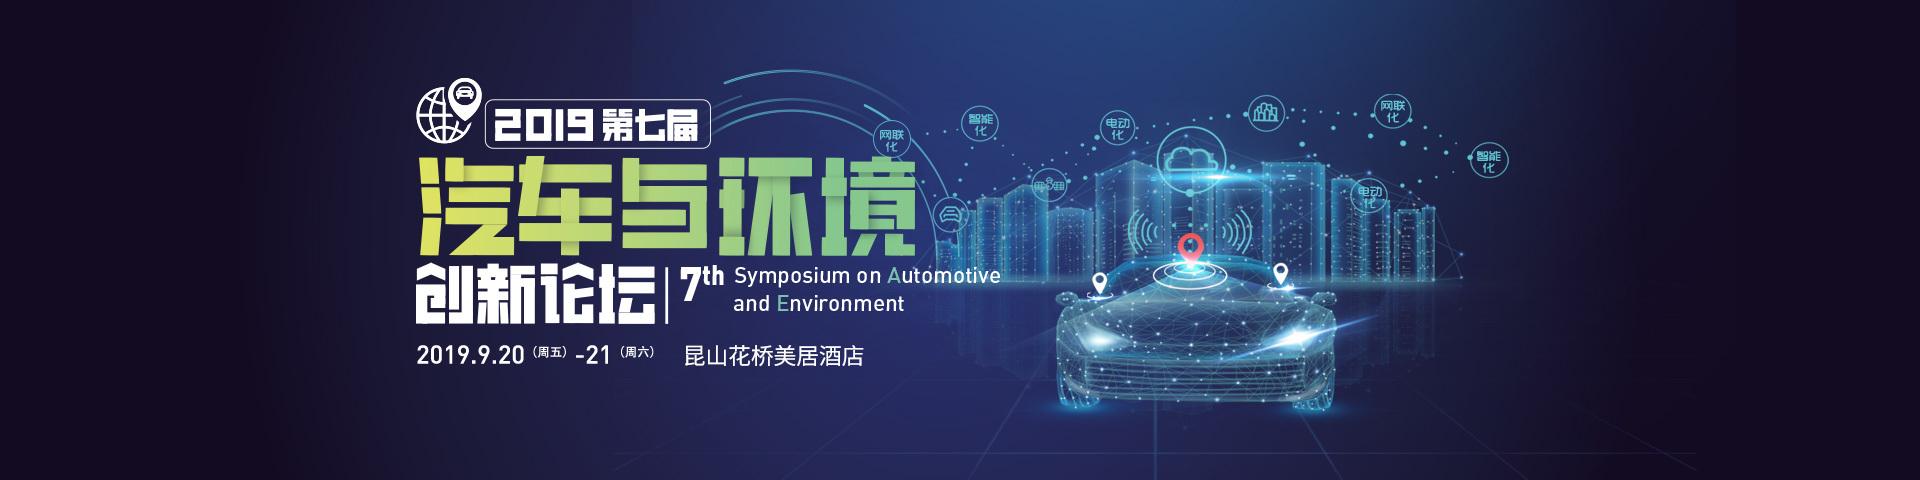 2019(第七届)汽车与环境创新论坛